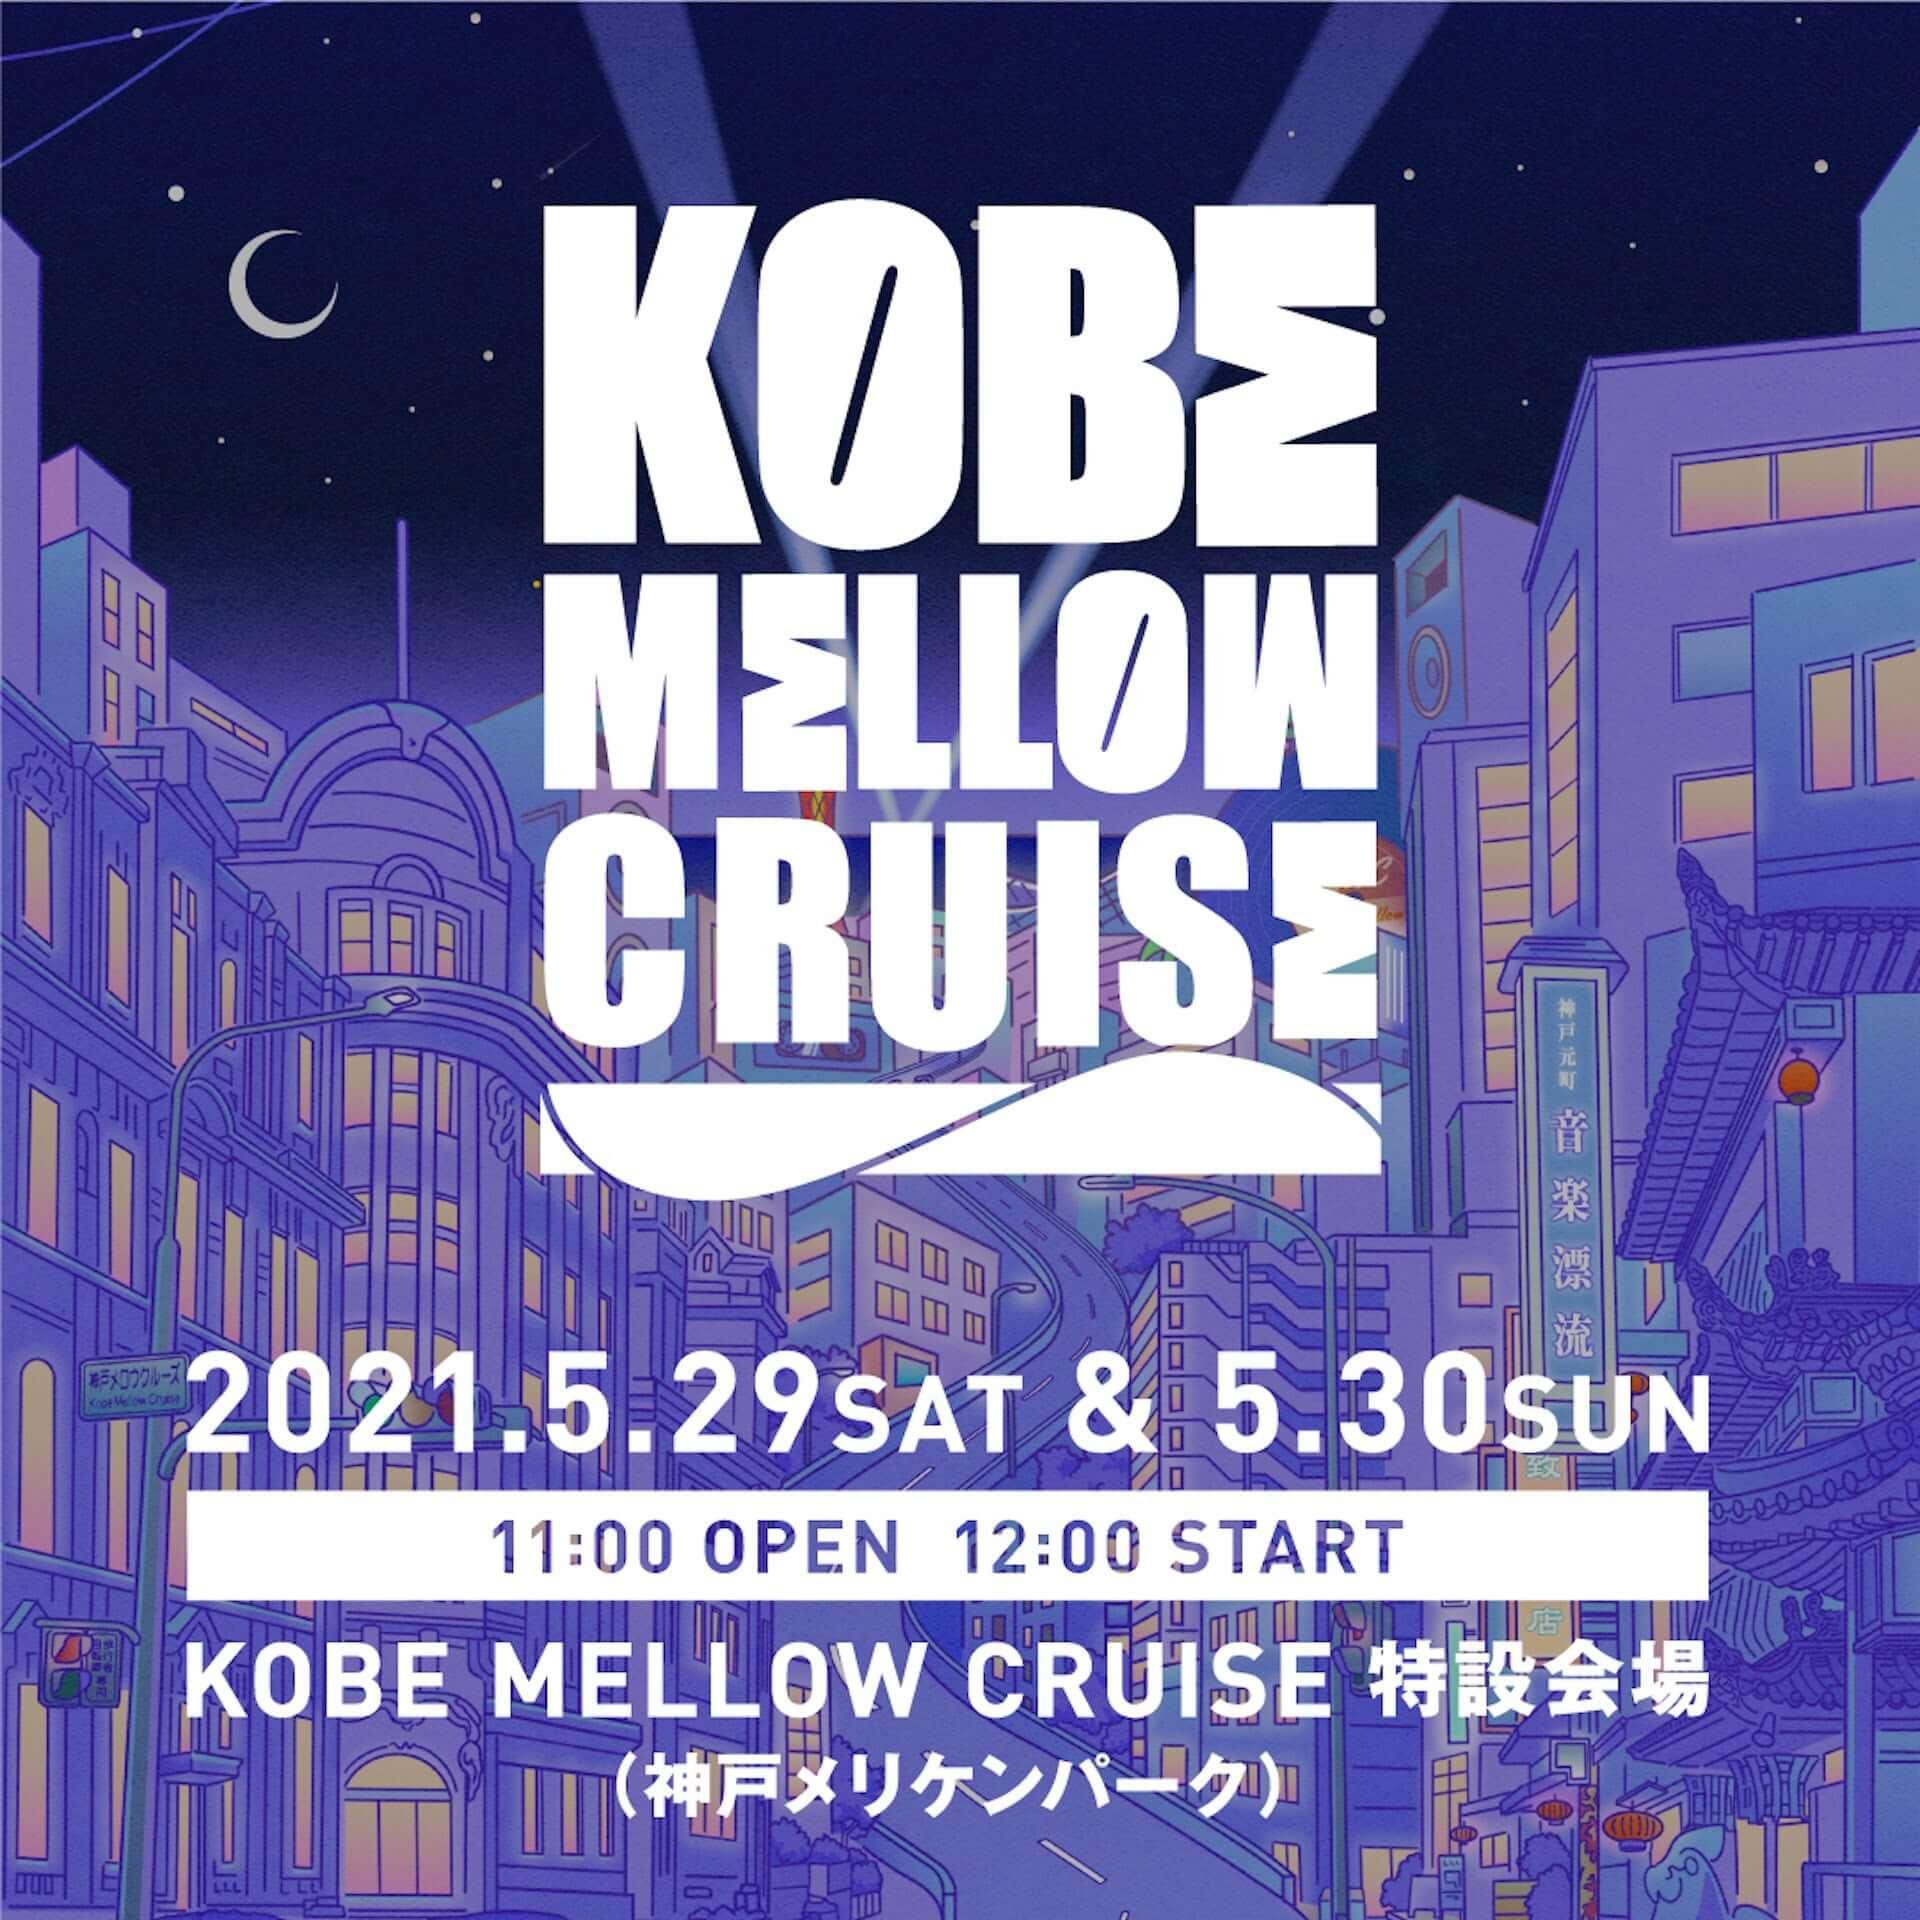 新フェス<KOBE MELLOW CRUISE>にNulbarich、BIM、5lack、VIGORMANが出演決定!計24組がラインナップ music210329_kmc_2-1920x1920